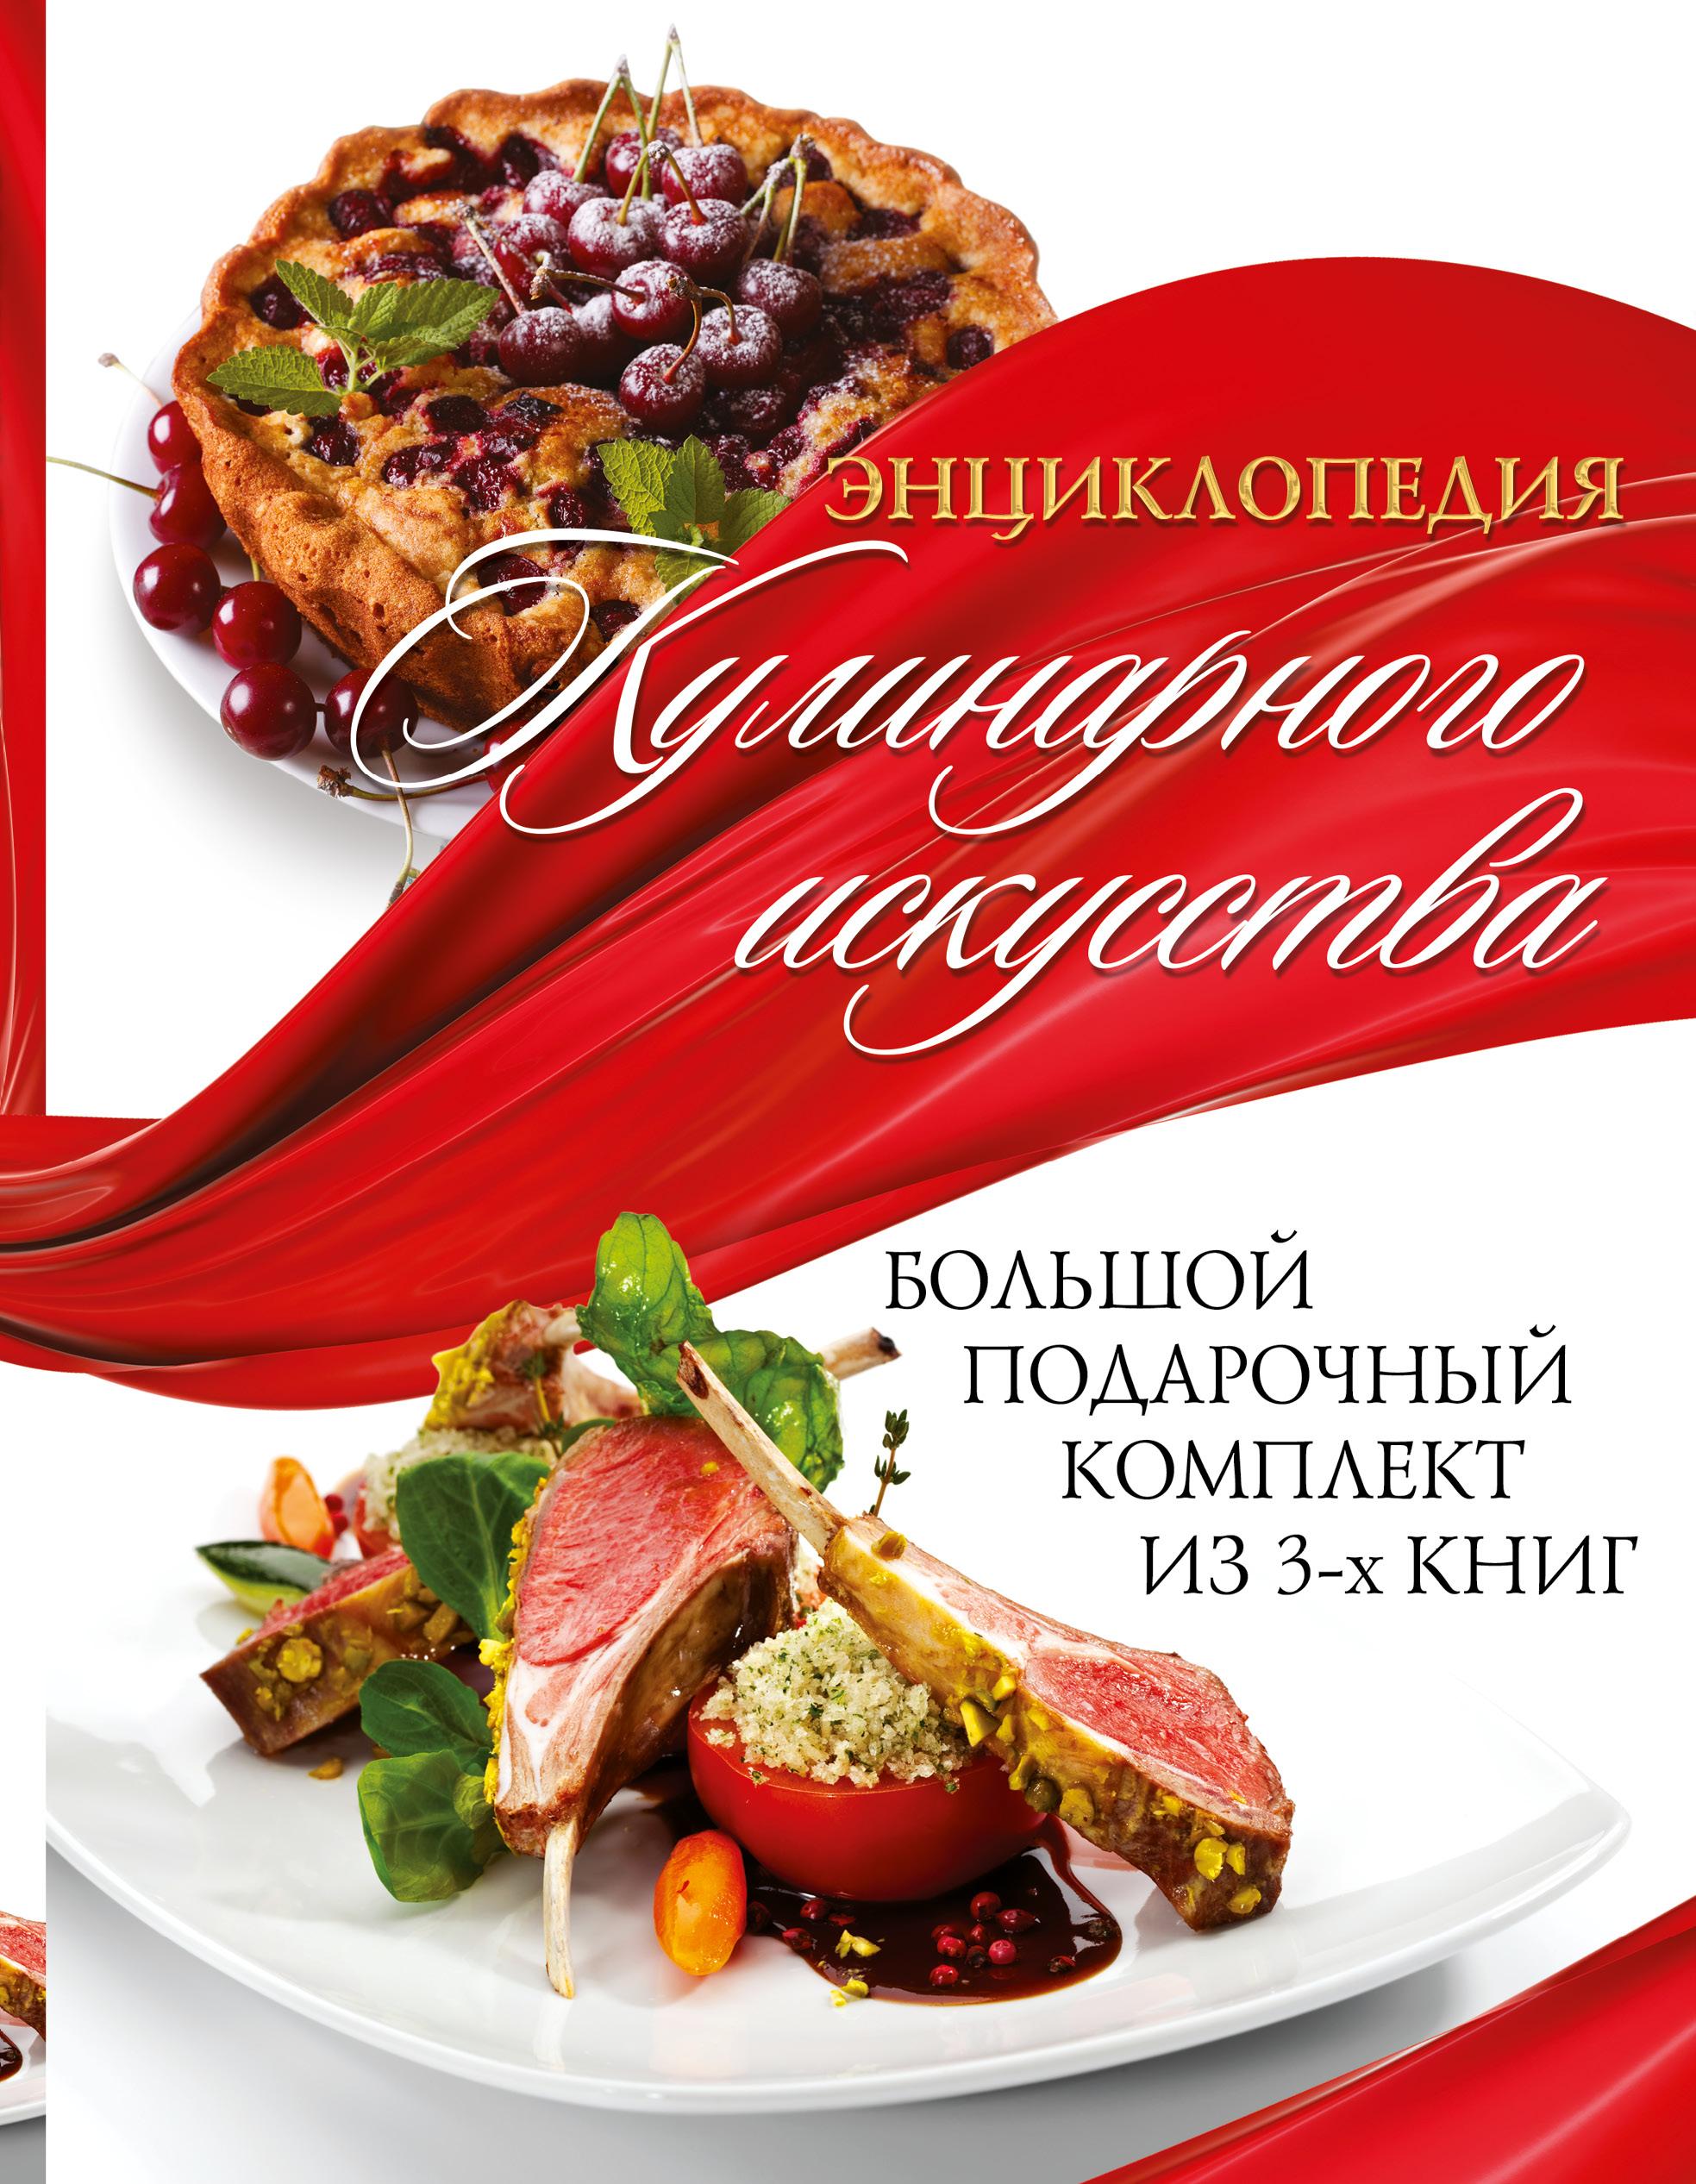 Энциклопедия кулинарного искусства. Большой подарочный комлект из 3х книг